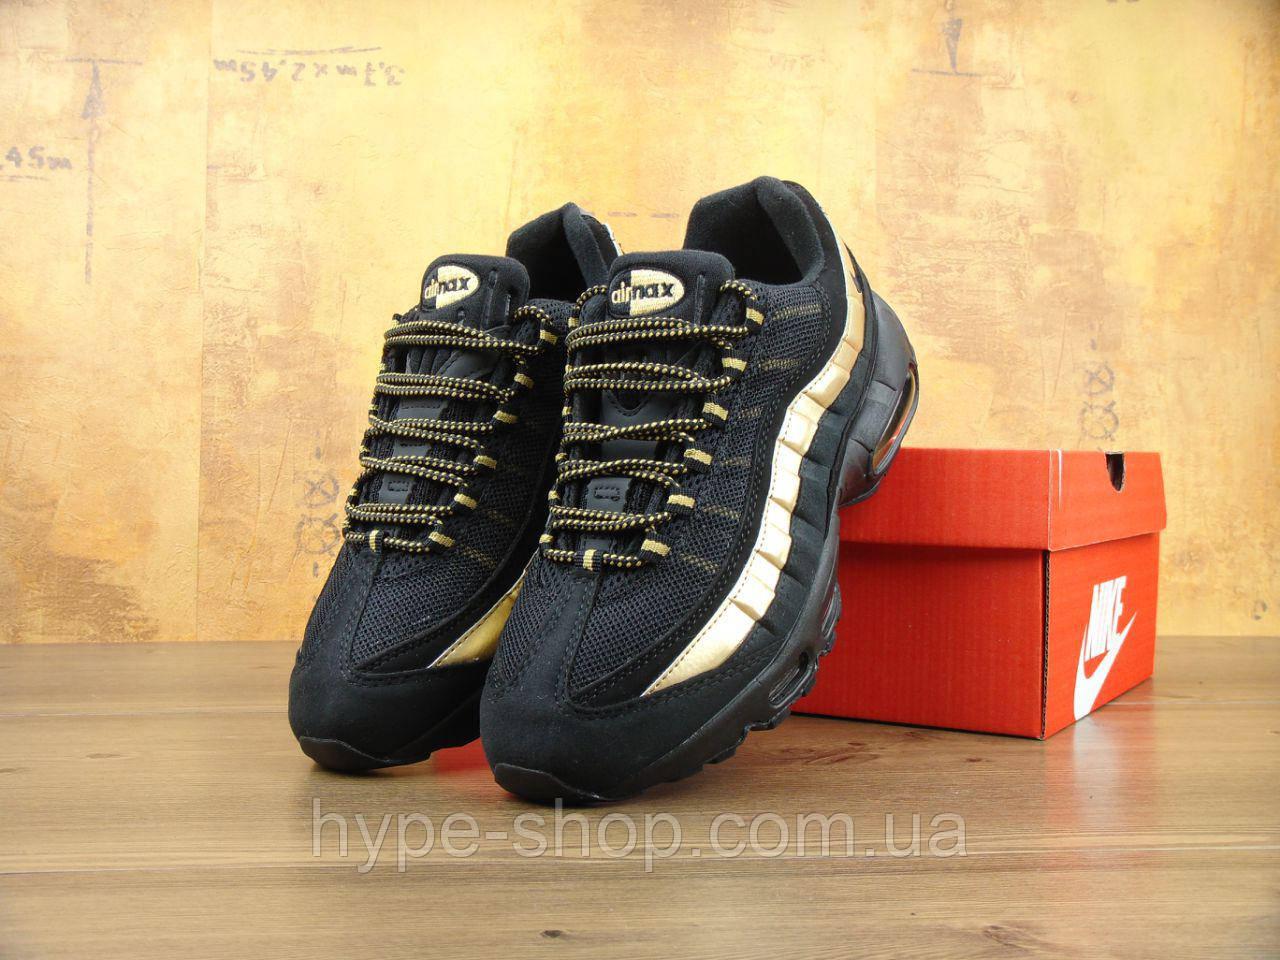 Мужские черные кроссовки Nike Air Max 95 | Люкс Копия